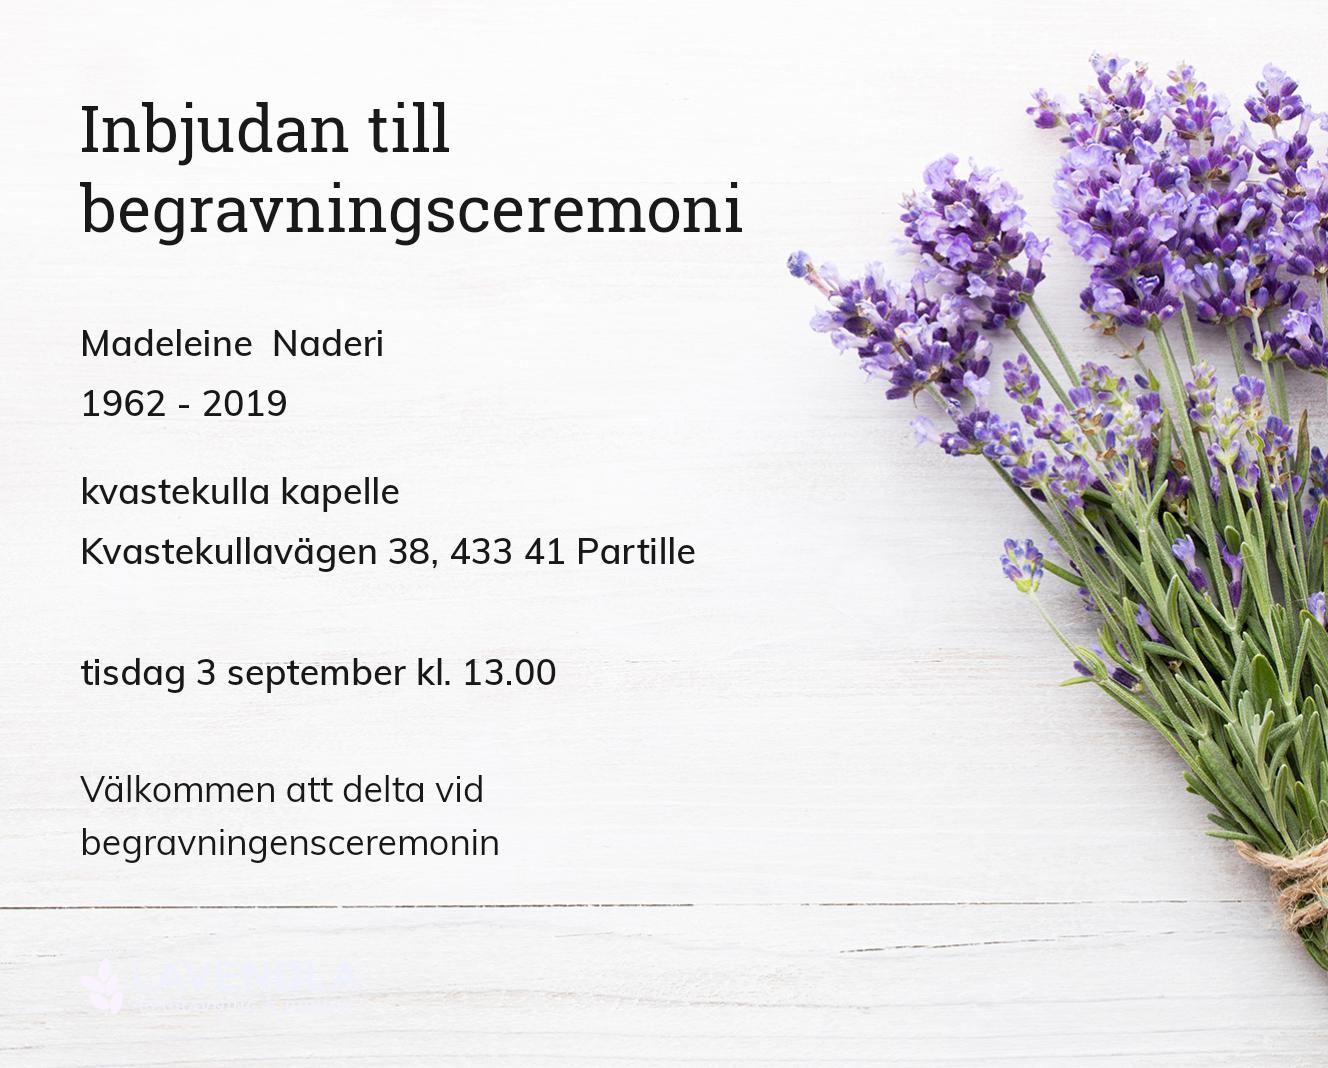 Inbjudningskort till ceremonin för Madeleine Naderi